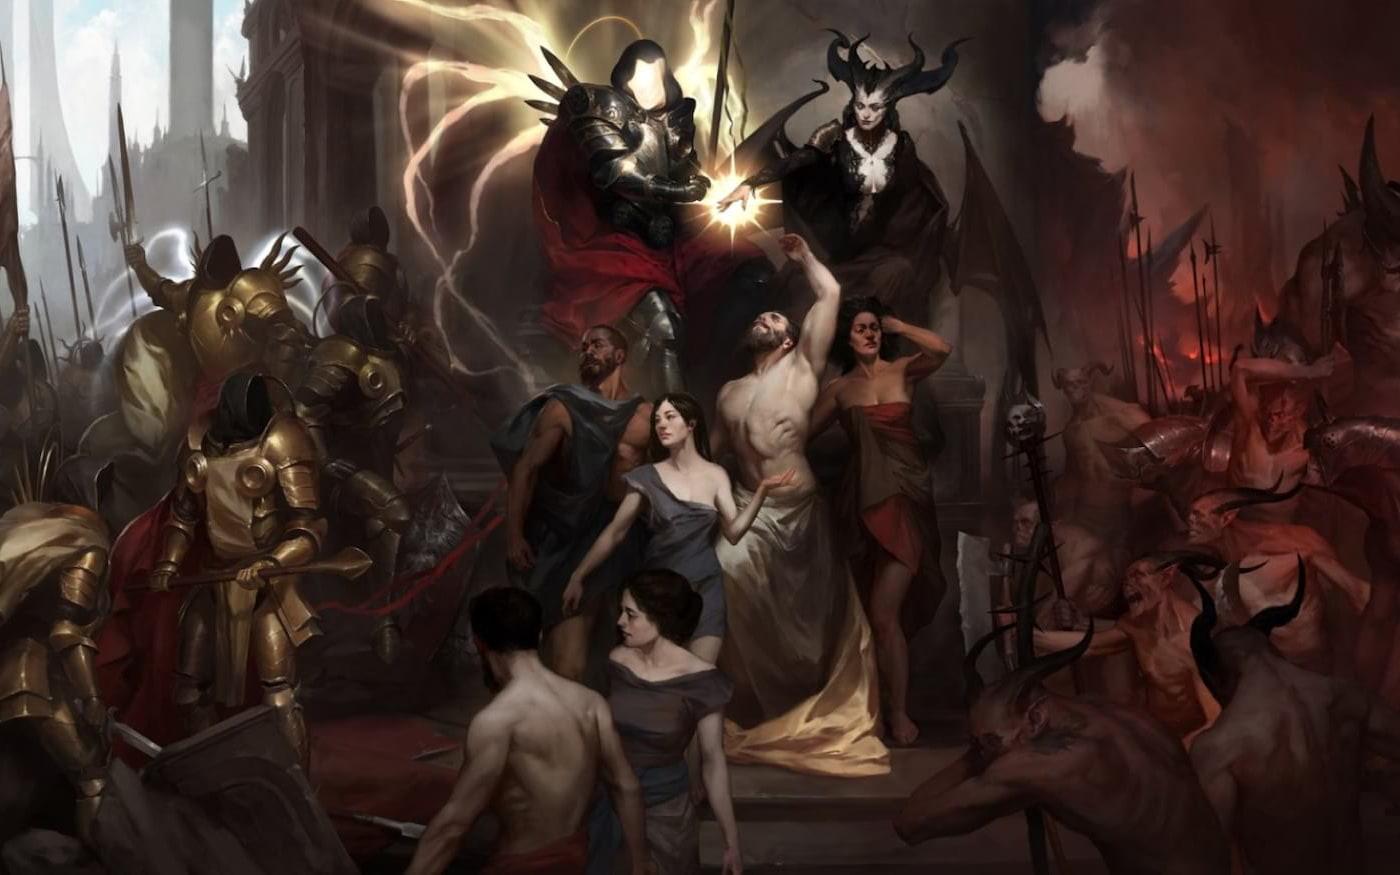 [Diablo IV] Blizzard confirma que o jogo só poderá ser jogado online